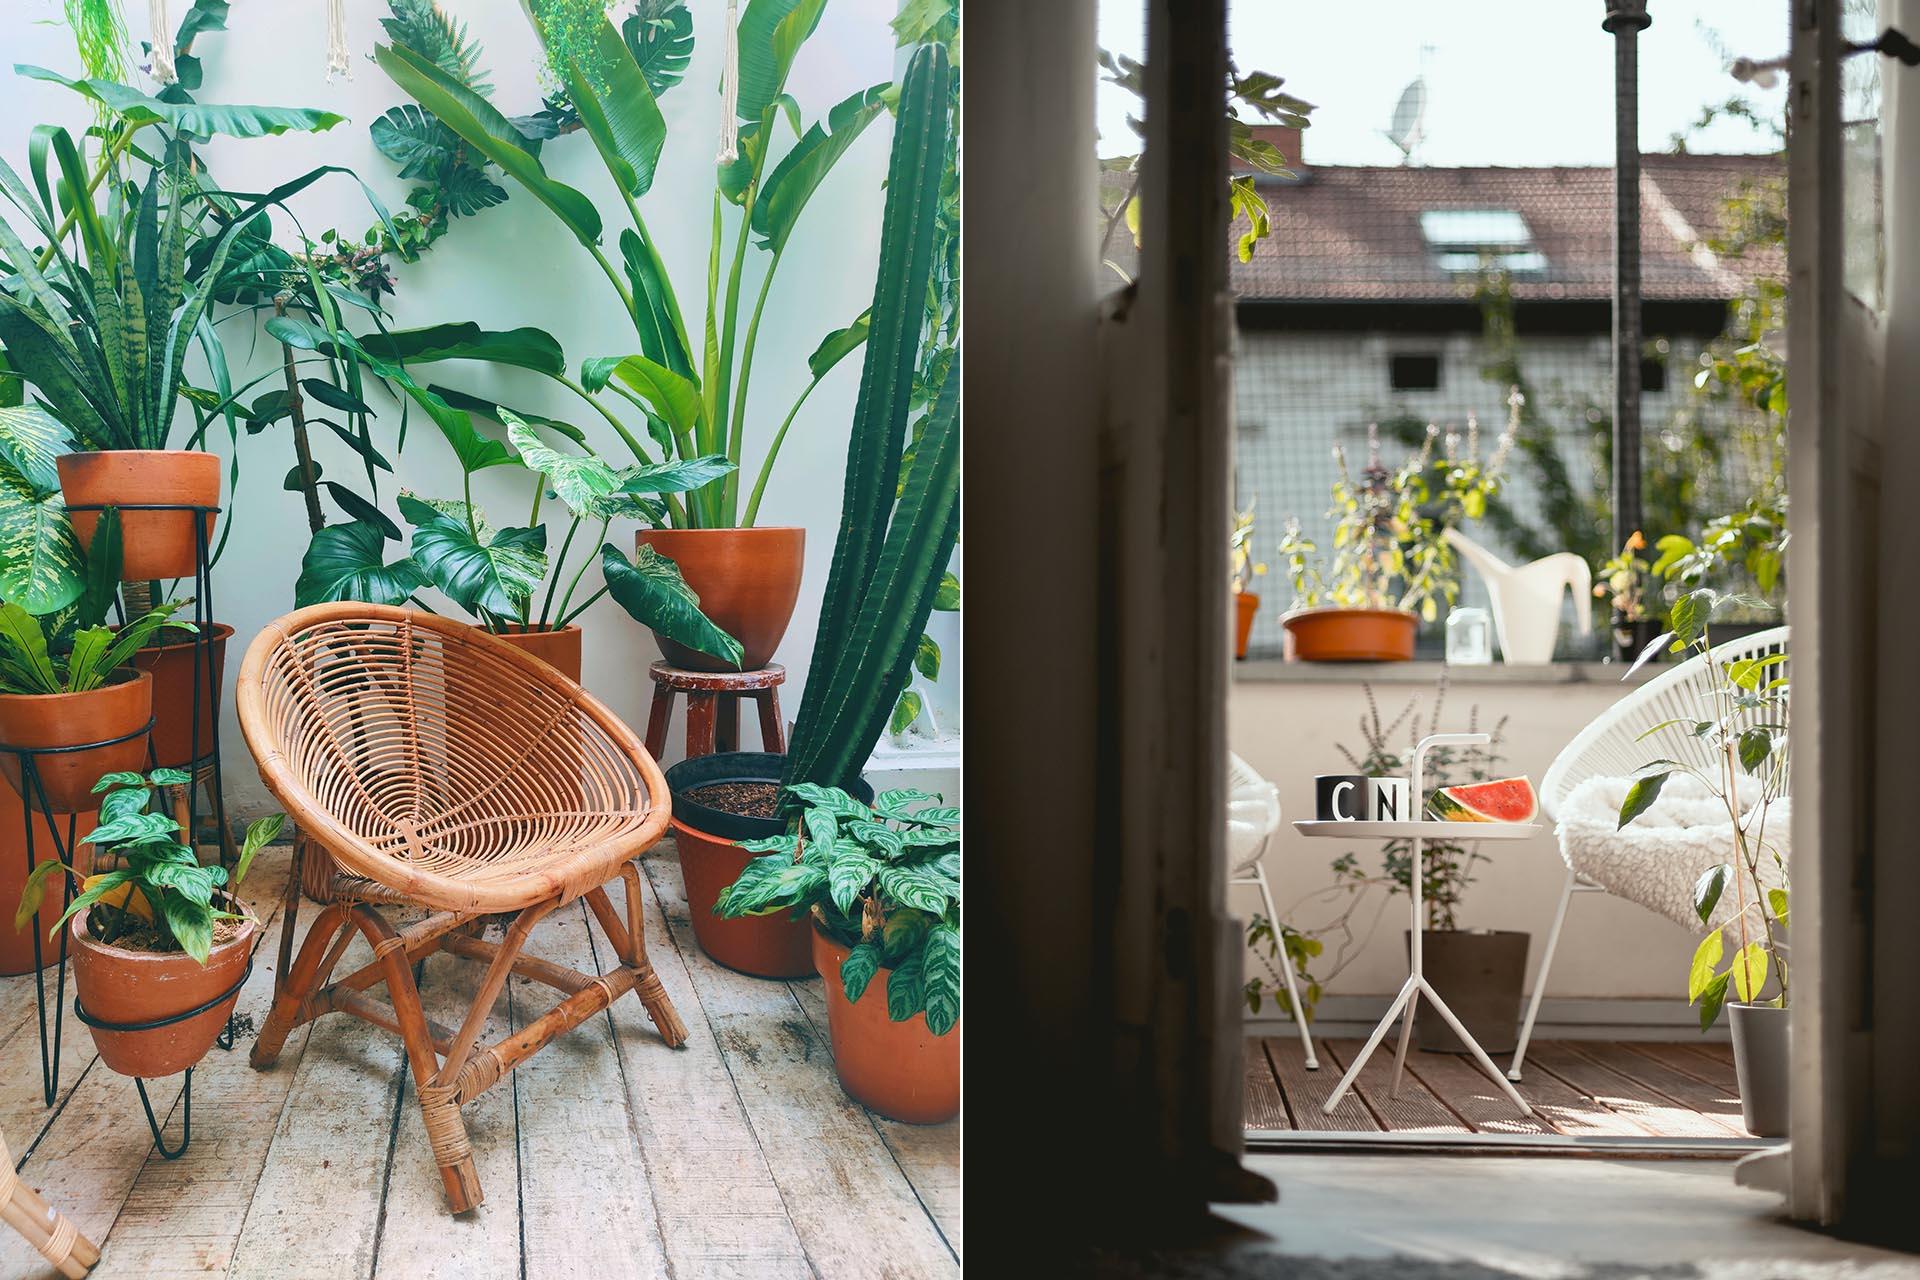 Att plantera växter och blommor på vår kära balkong är ett underbart sätt att få utlopp för våra gröna odlingsdrömmar. Vad drömmer du om?